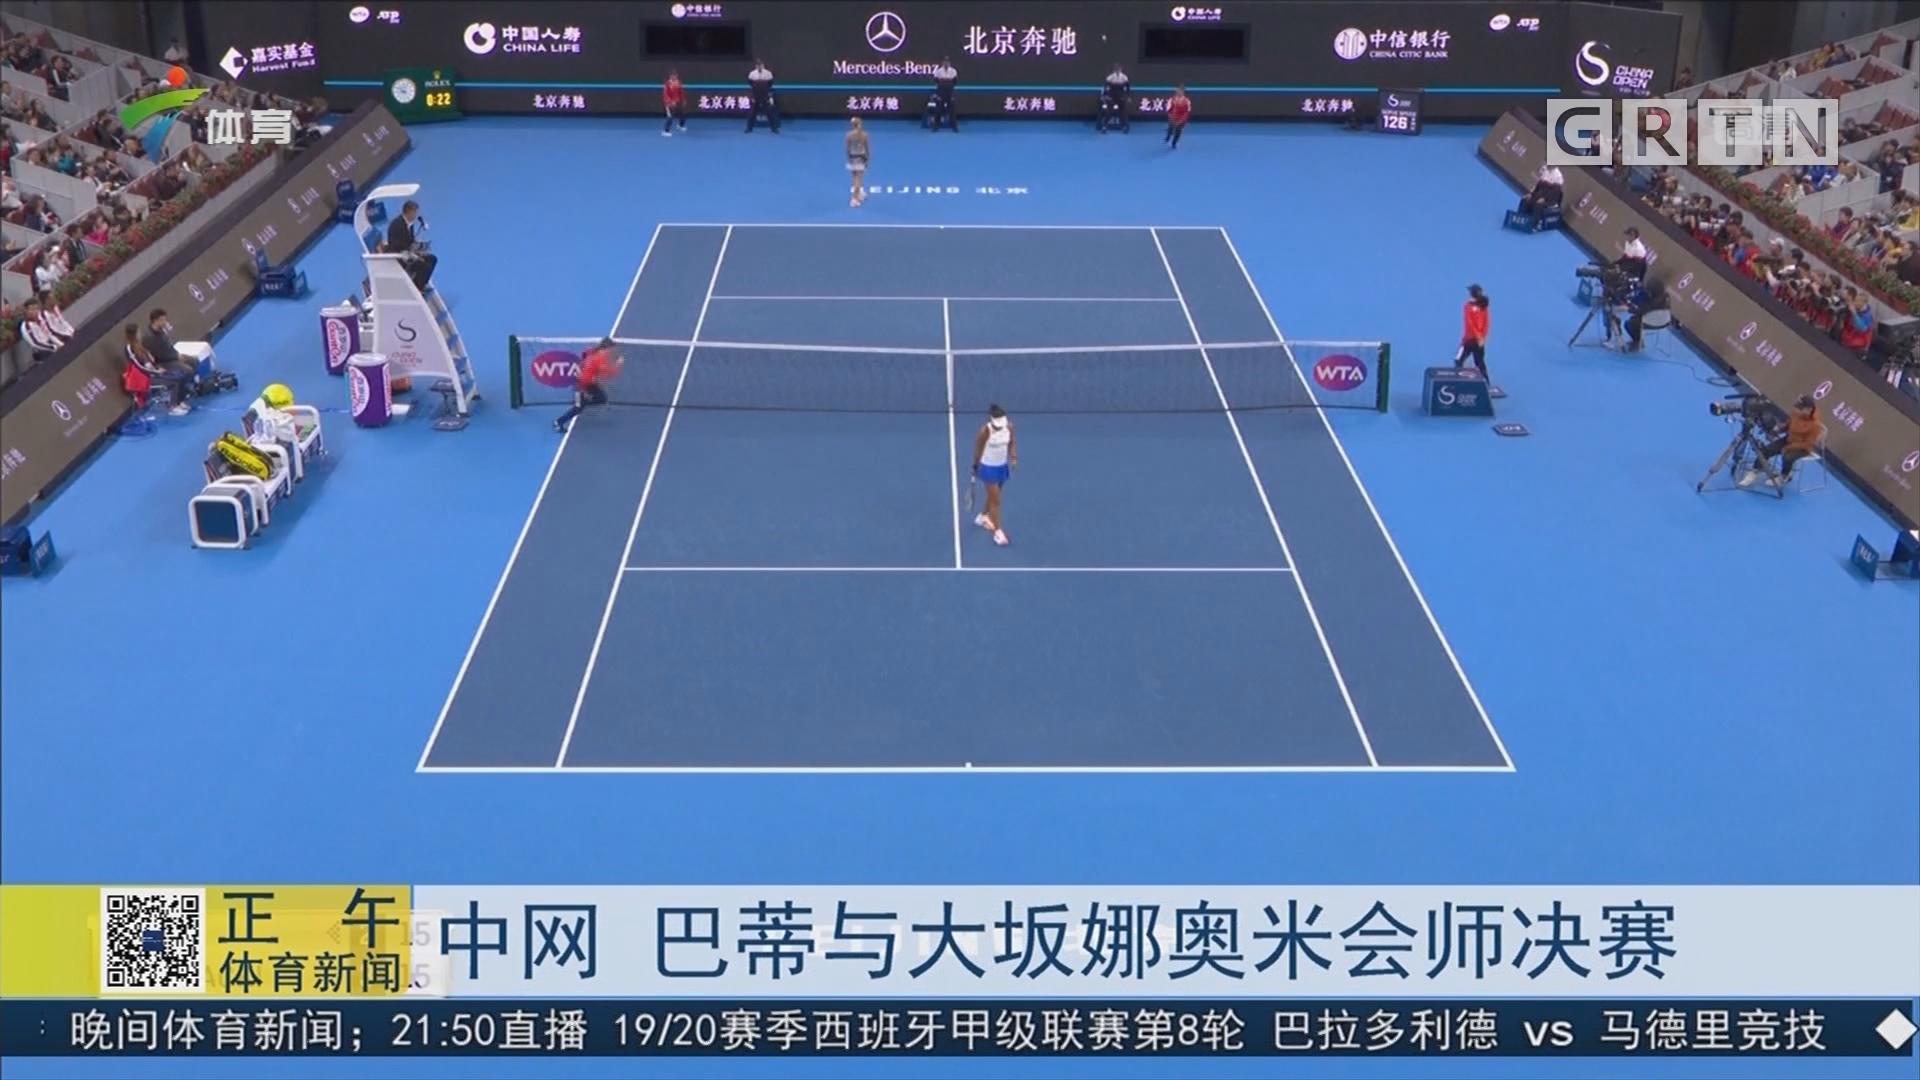 中网 巴蒂与大坂娜奥米会师决赛